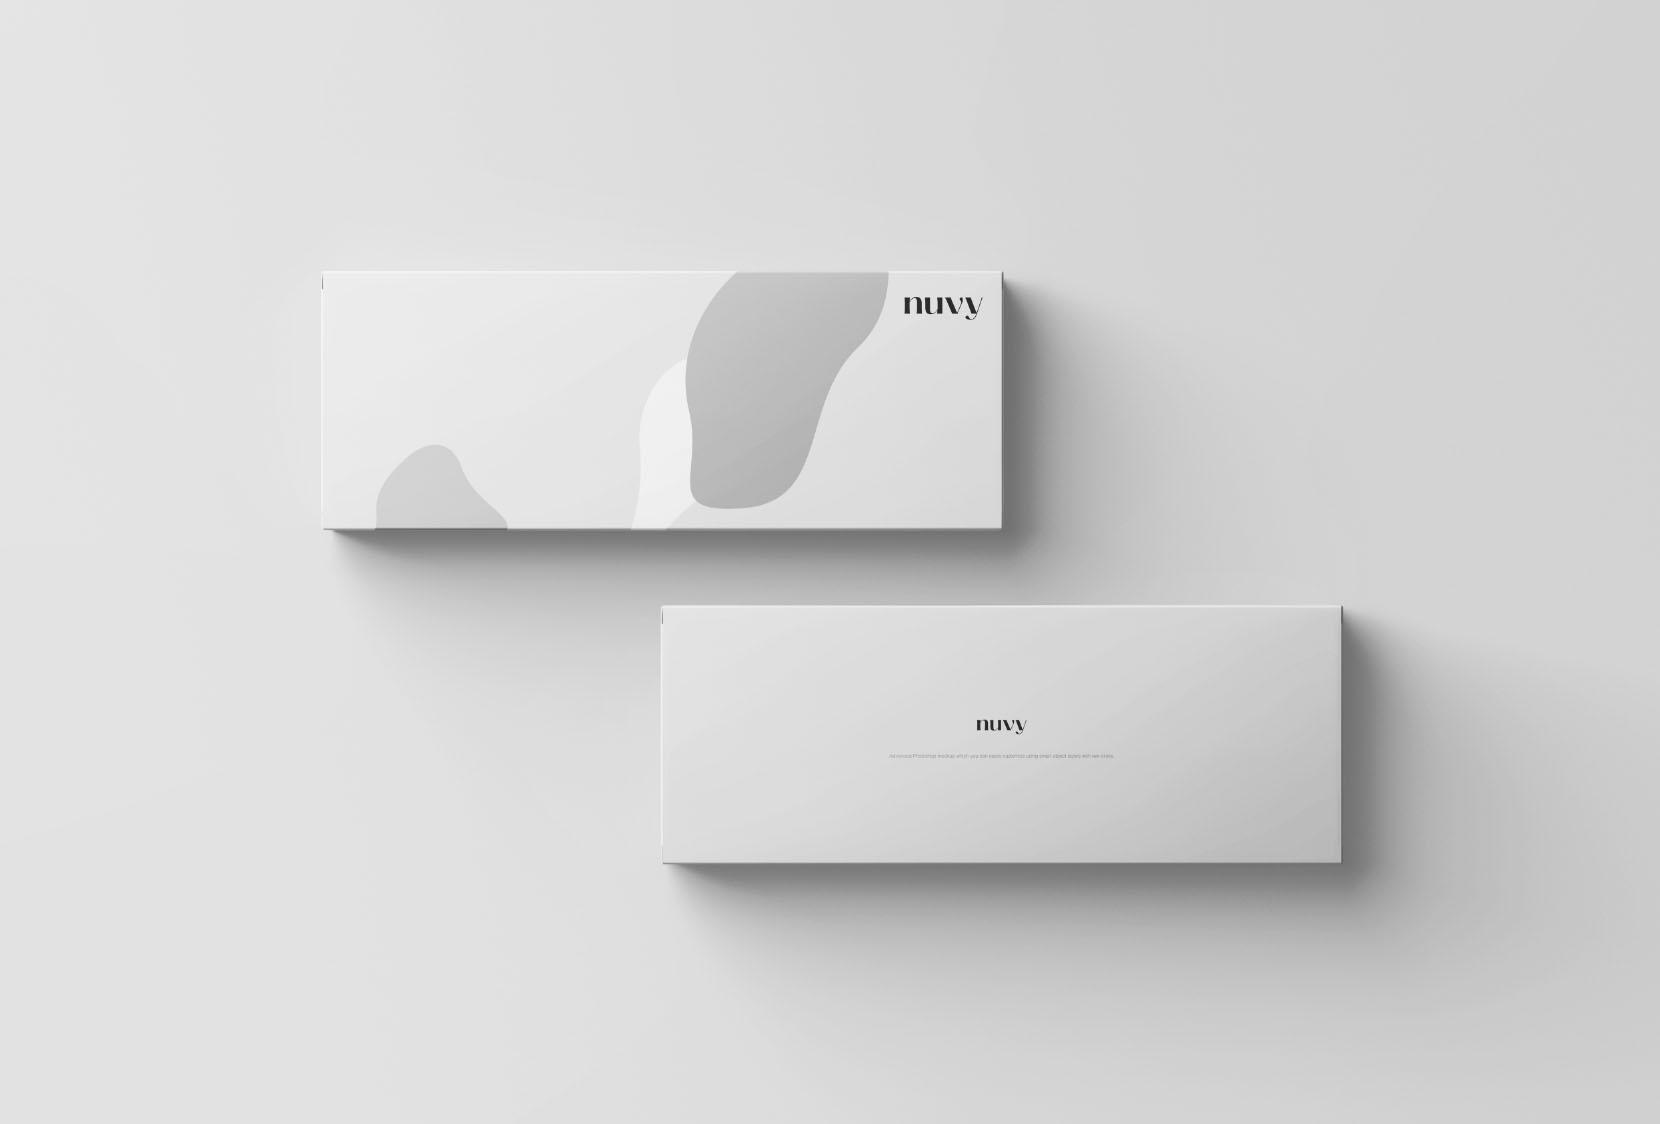 Produktdesign